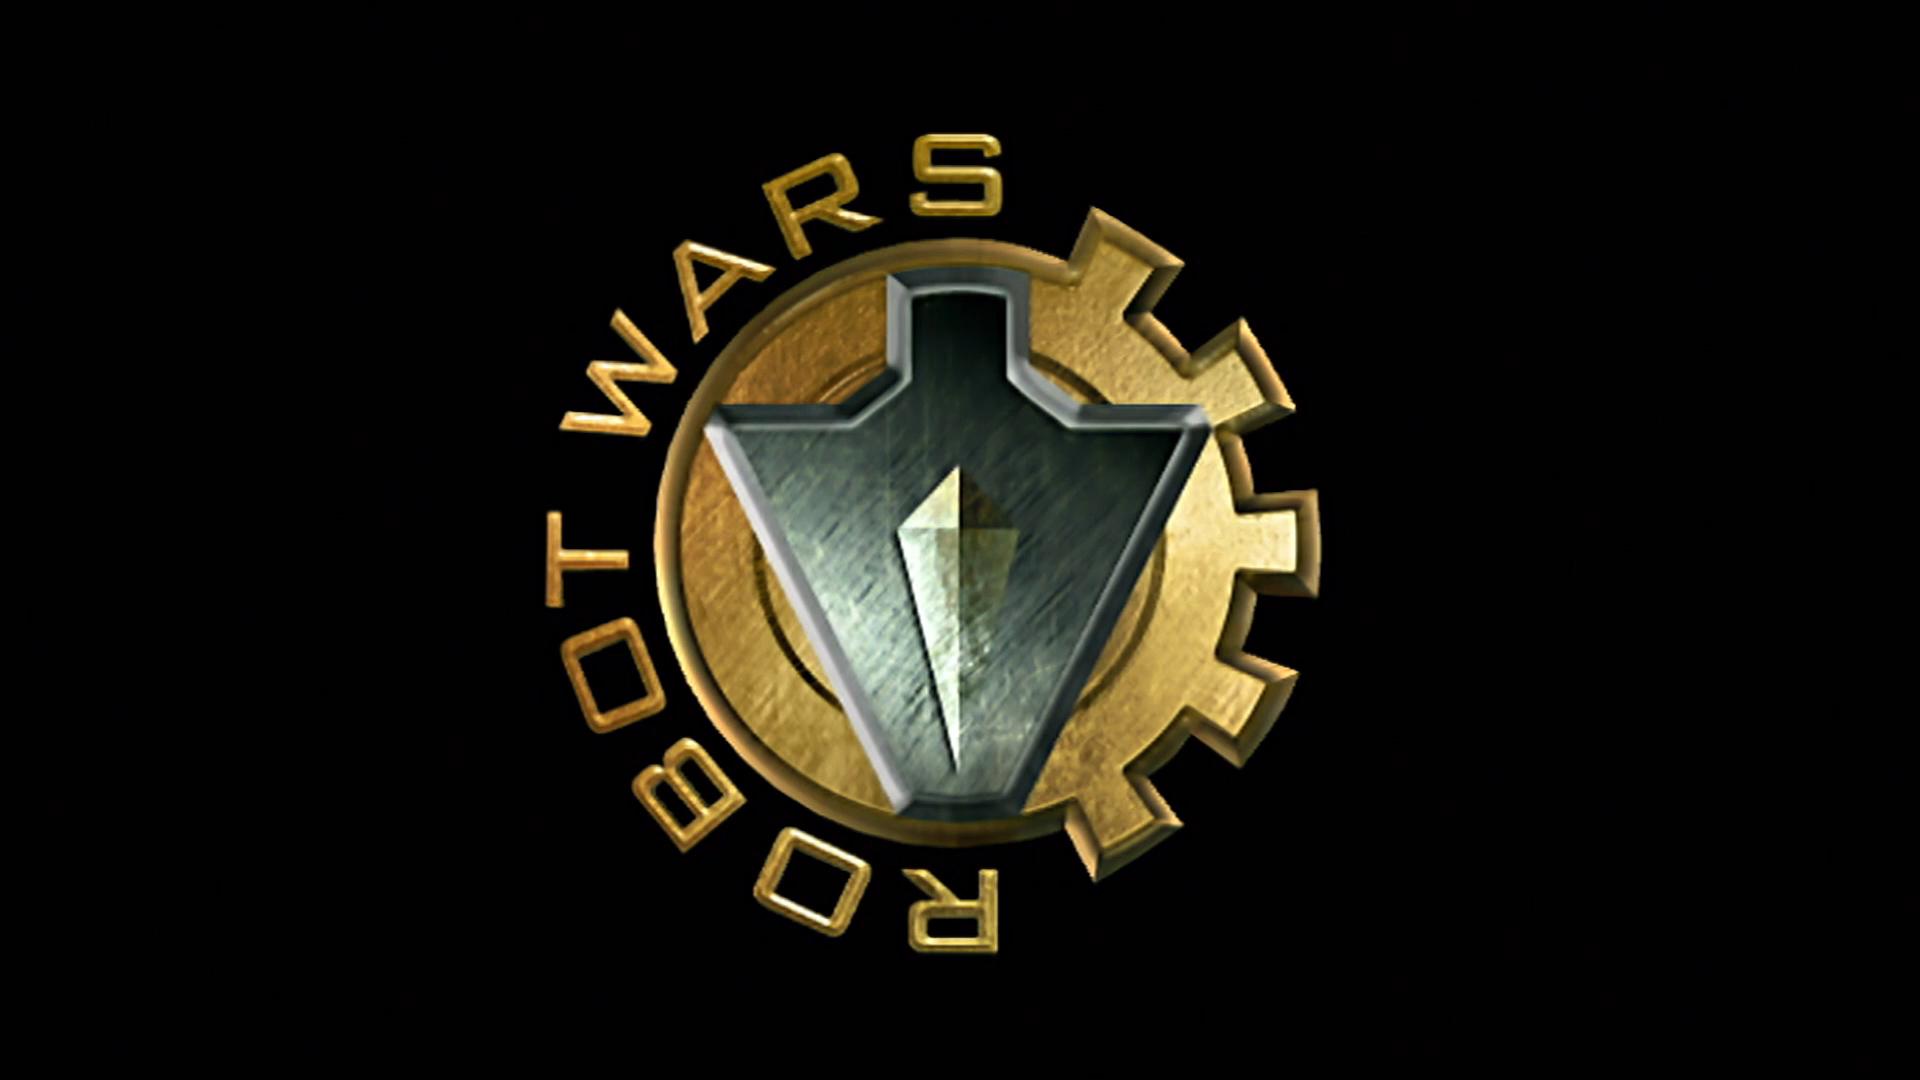 File:Robot Wars.jpg